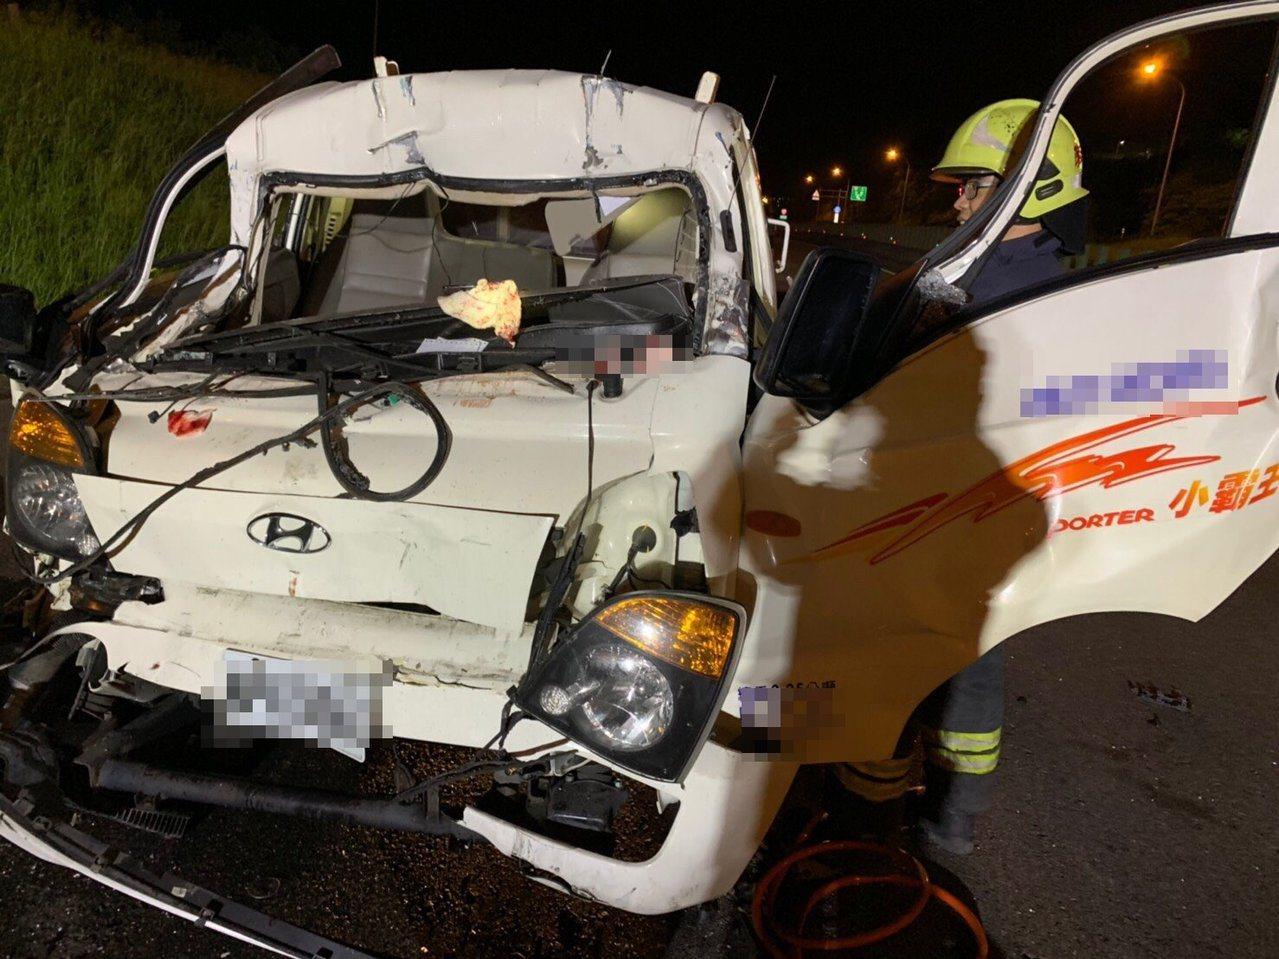 西濱快速公路苗栗縣後龍鎮赤土崎南下路段晚間8點多發生貨車、聯結車相撞事故,一人受...